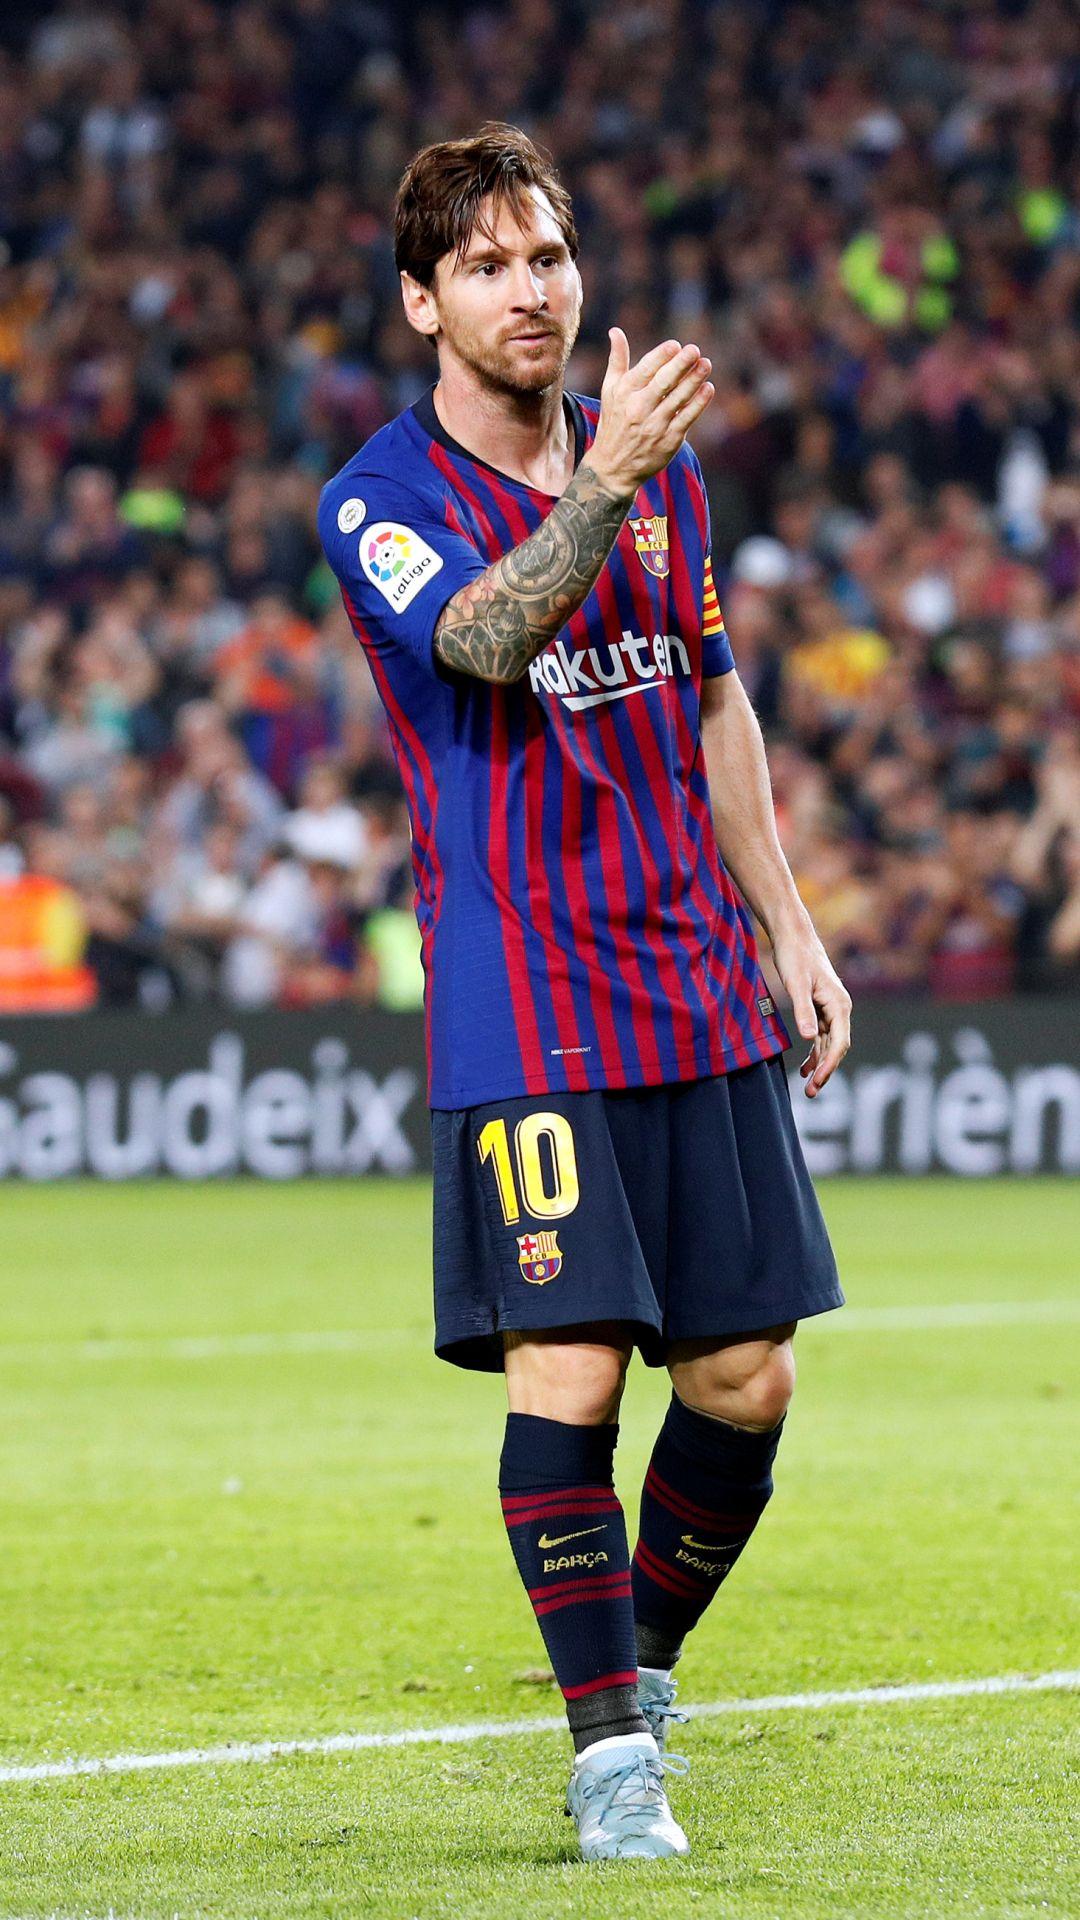 Fc Barcelona Messi Wallpaper 2019 4k - Images   Slike